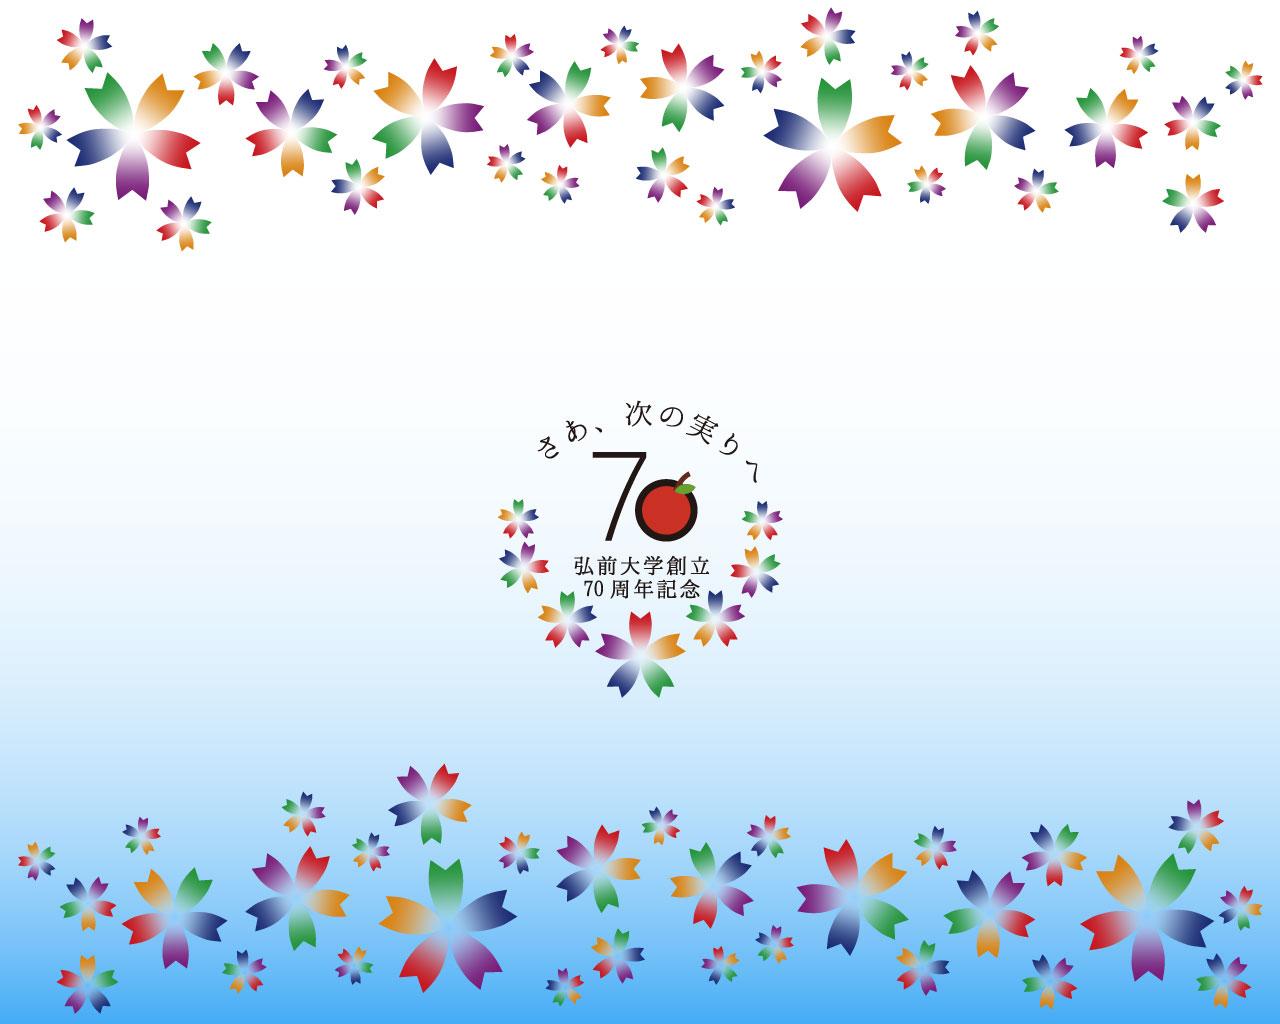 弘前大学創立70周年記念ロゴマーク パソコン壁紙が完成 弘前大学